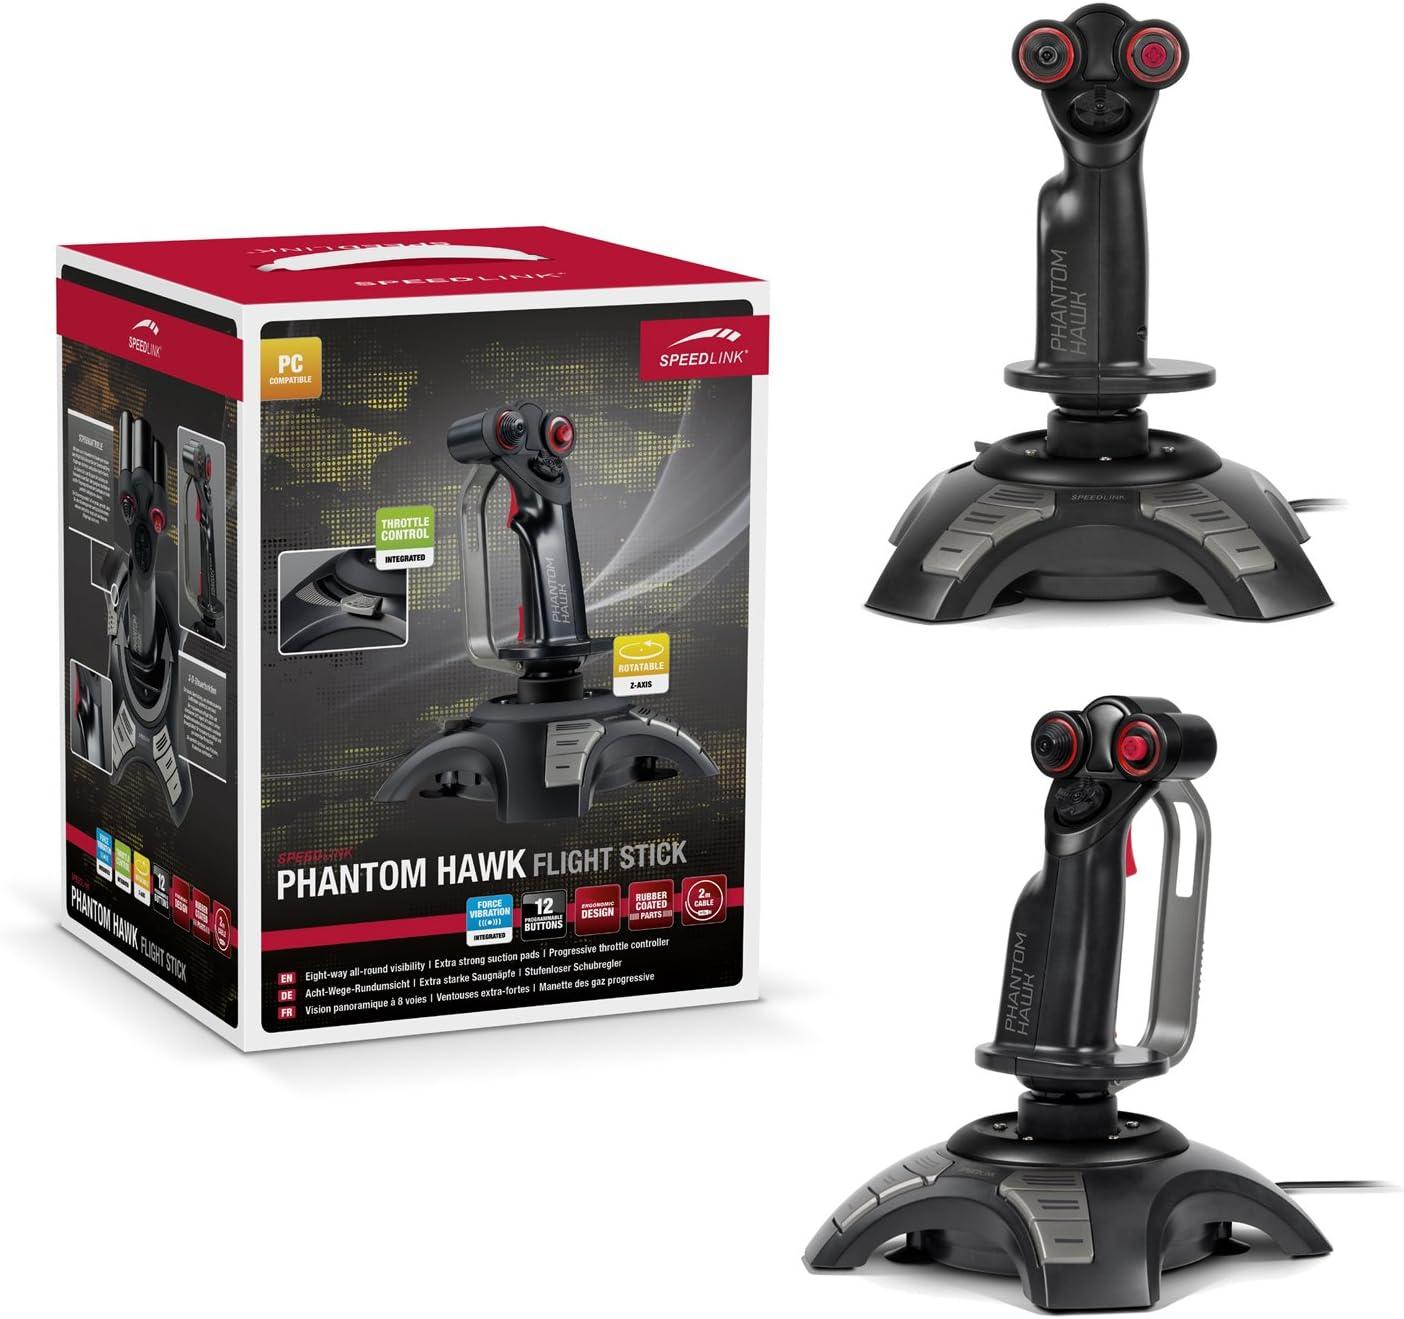 Speedlink Sl 6638 Bk Phantom Hawk Gaming Flightstick Computers Accessories